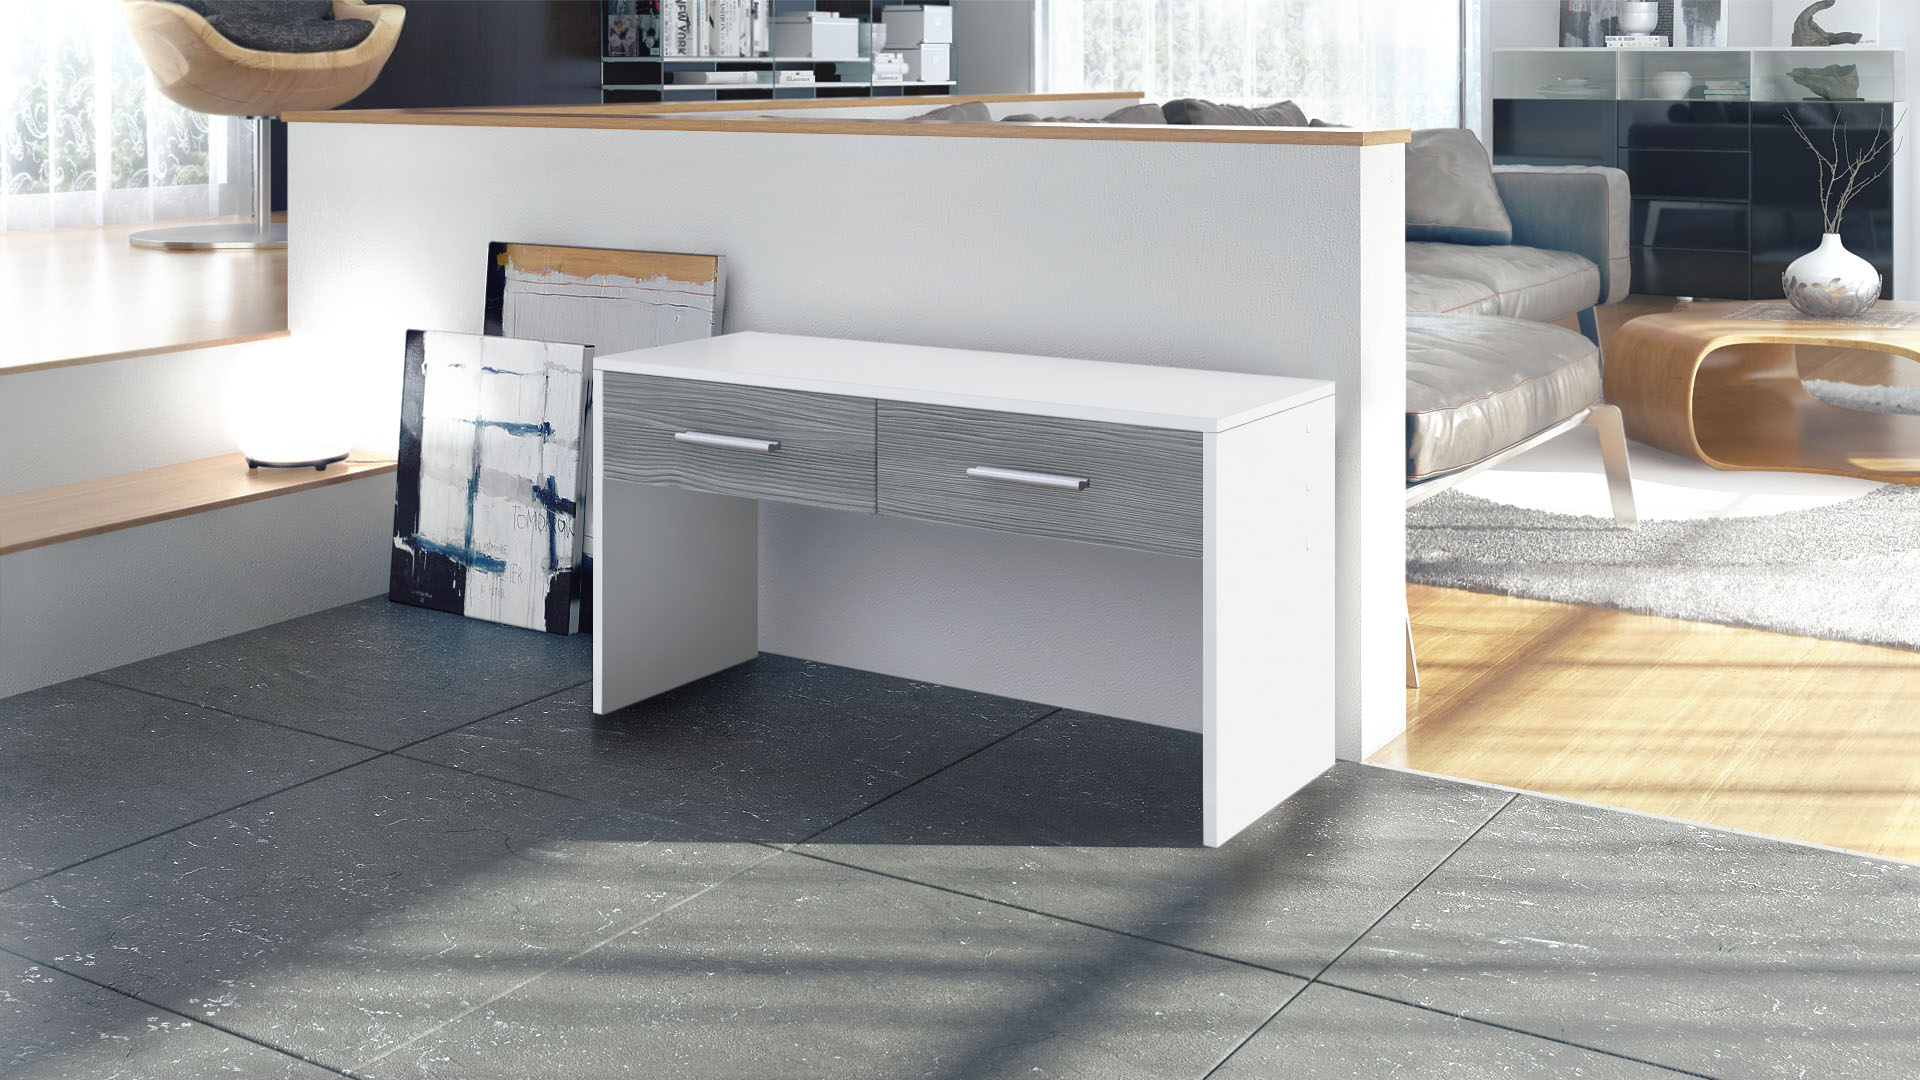 banc meuble de couloir espace luna en blanc fa ades en coloris divers ebay. Black Bedroom Furniture Sets. Home Design Ideas